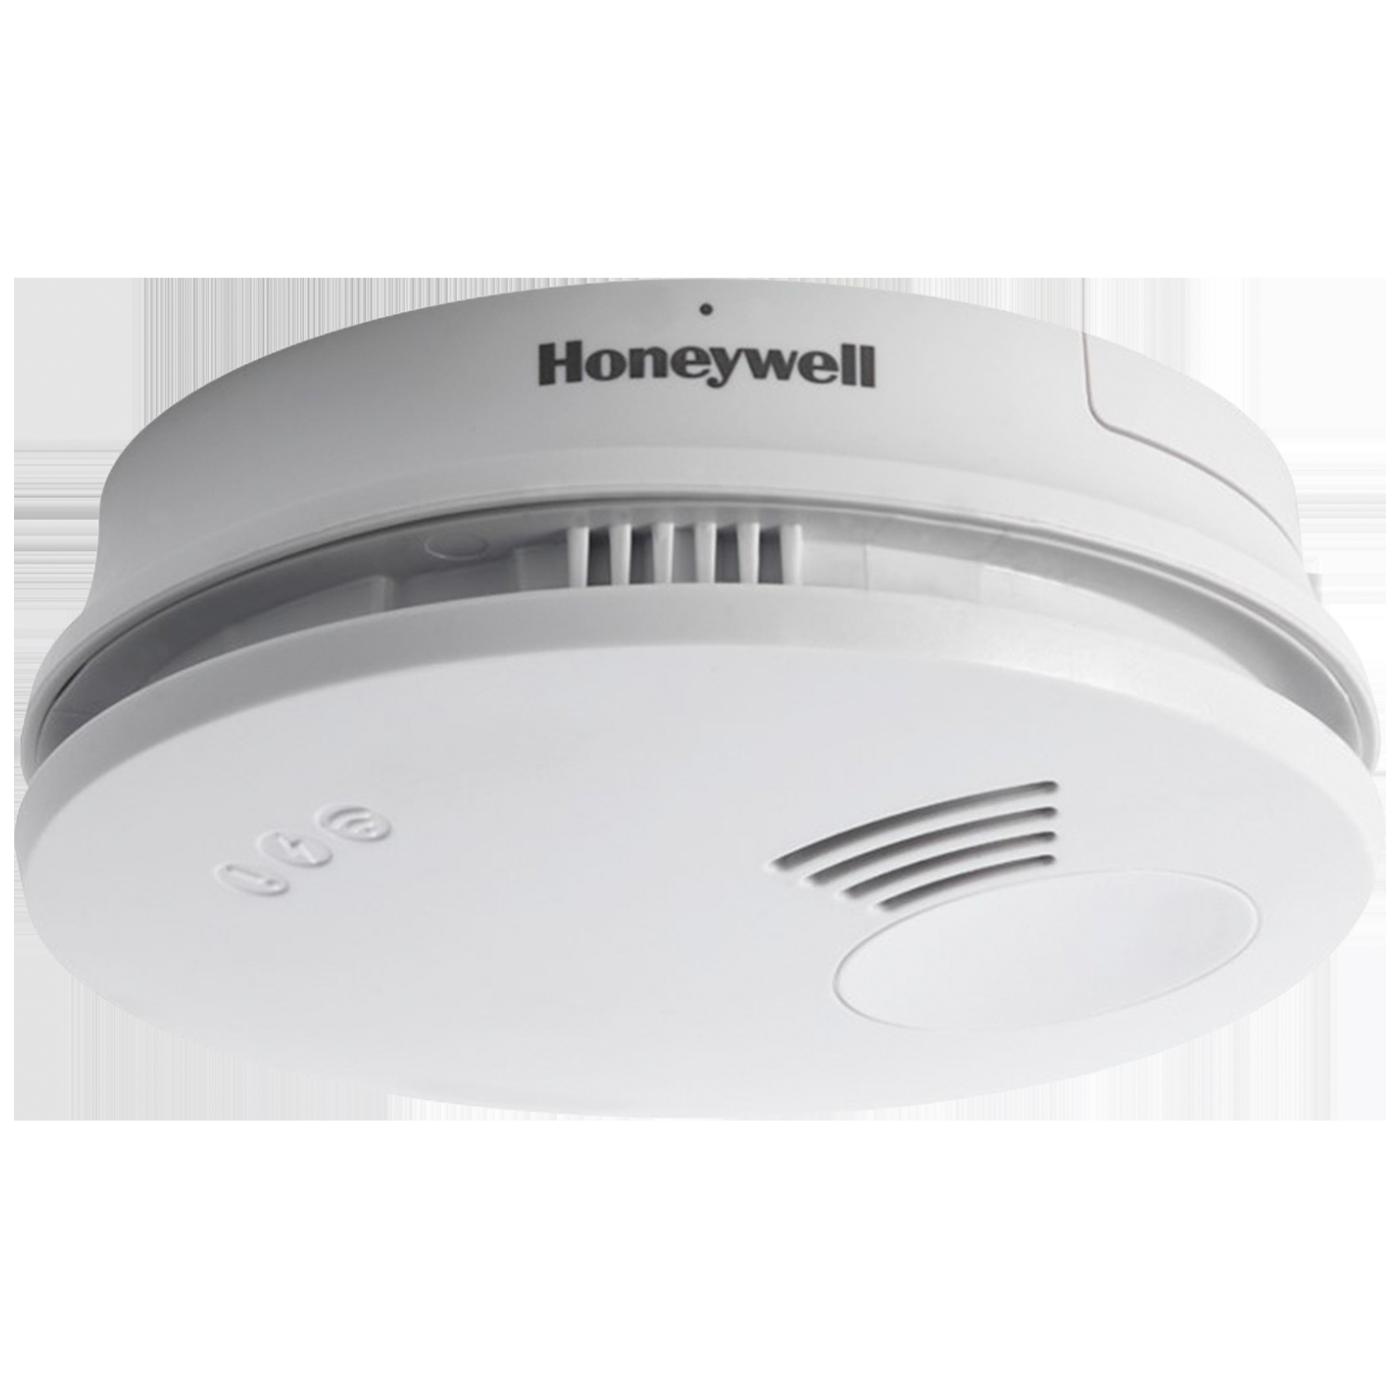 Honeywell - XS100T-HU